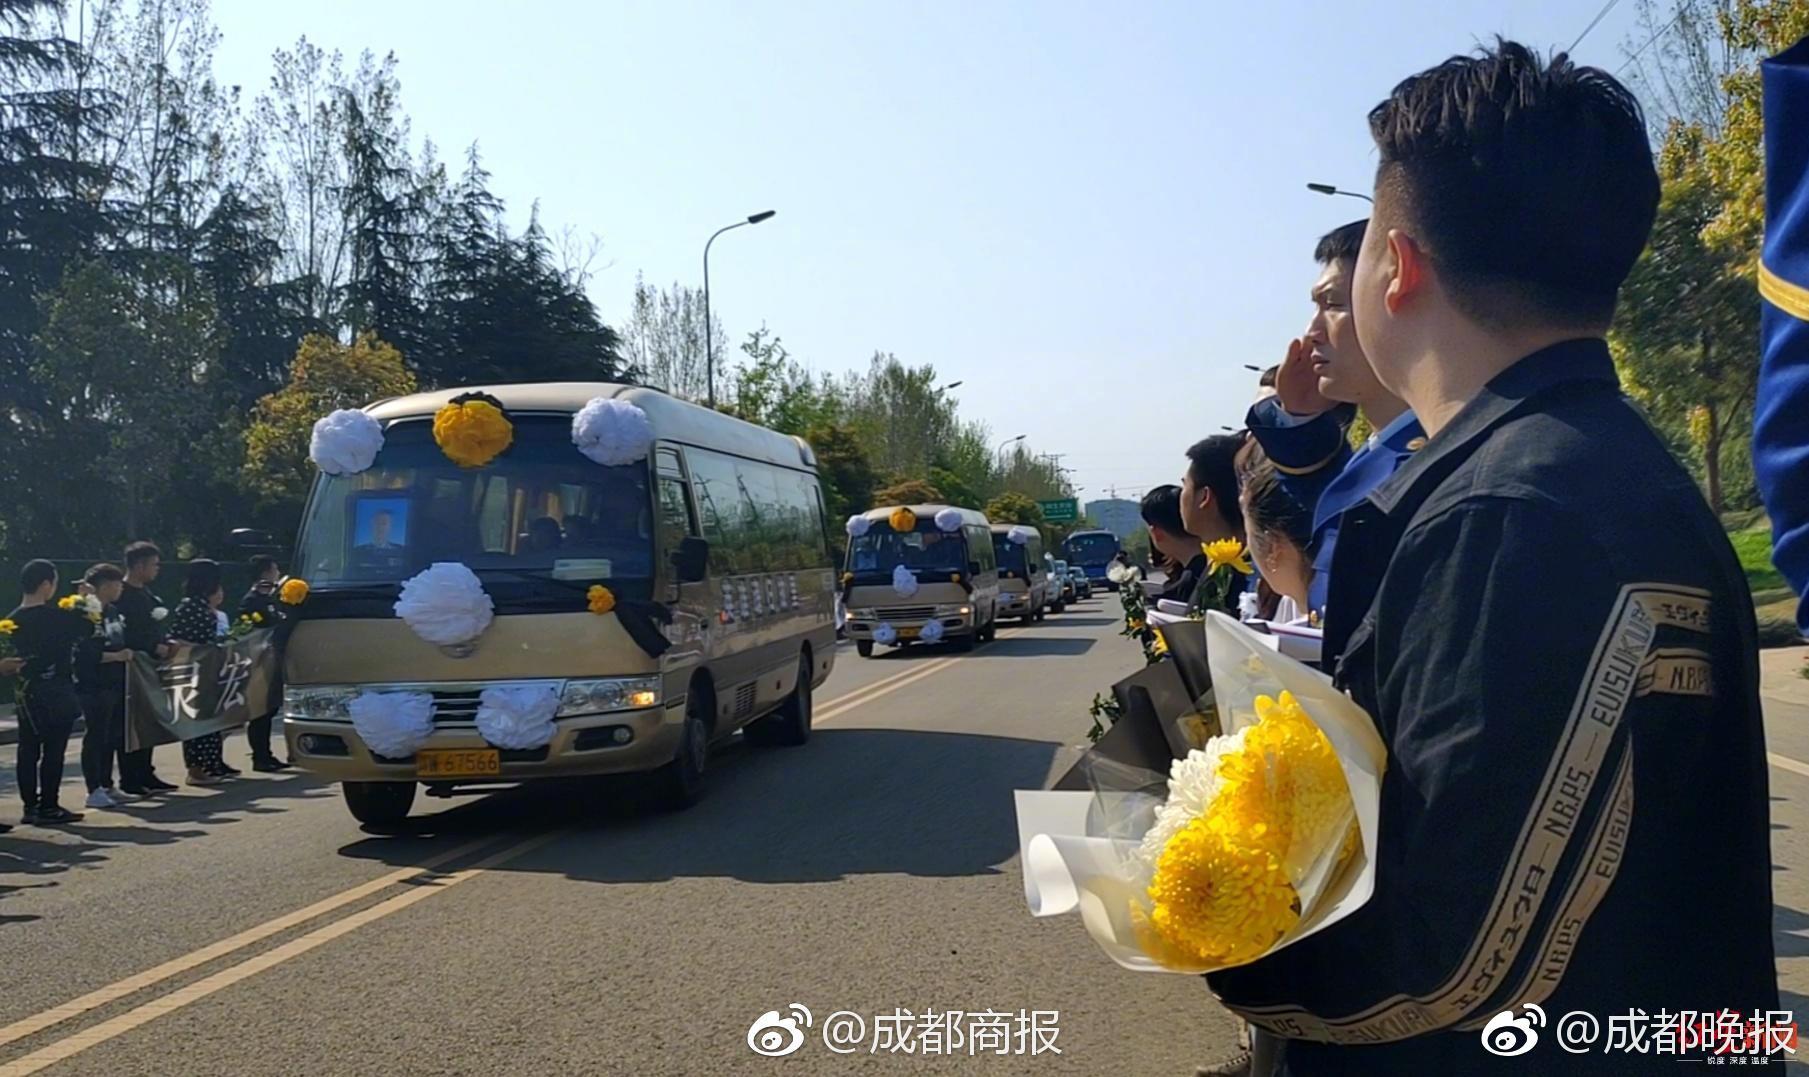 多家影视公司披露财报,深圳广电改频道制为中心制